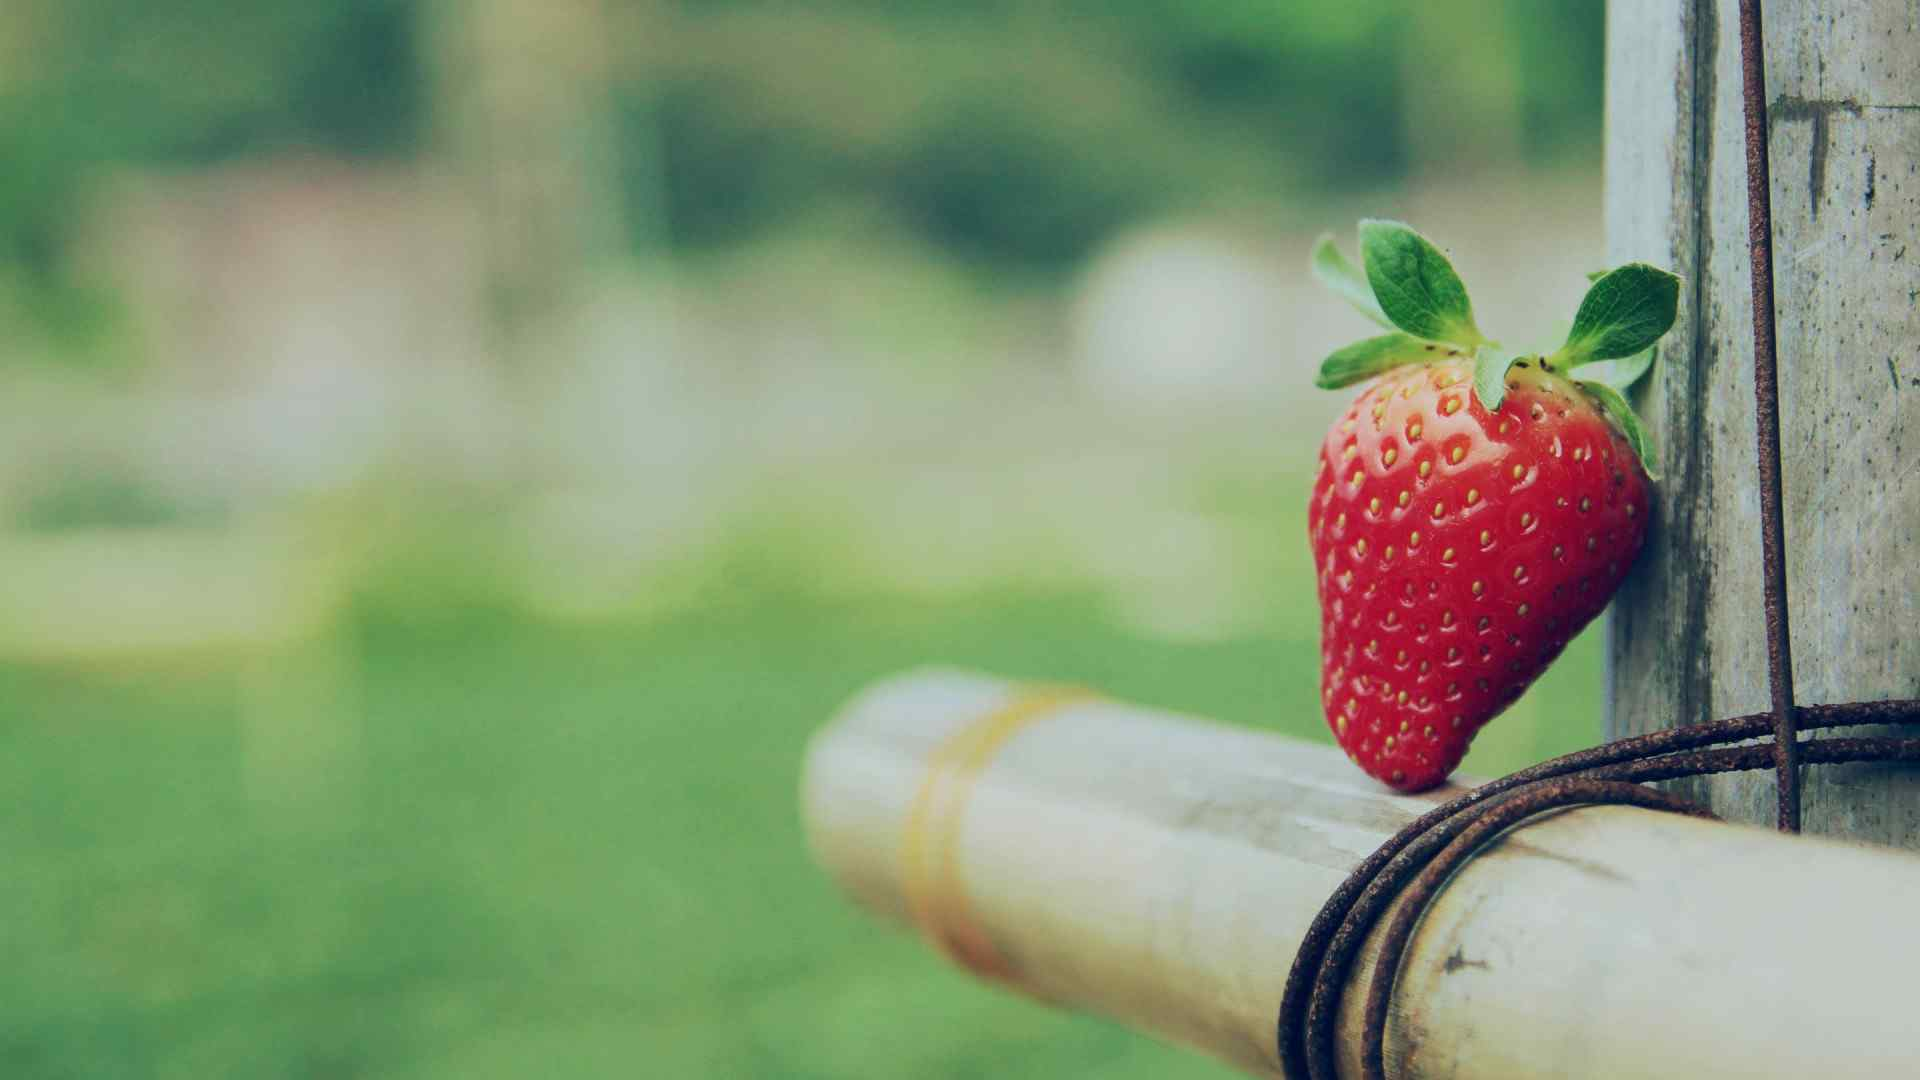 孤独的草莓小清新高清桌面壁纸下载